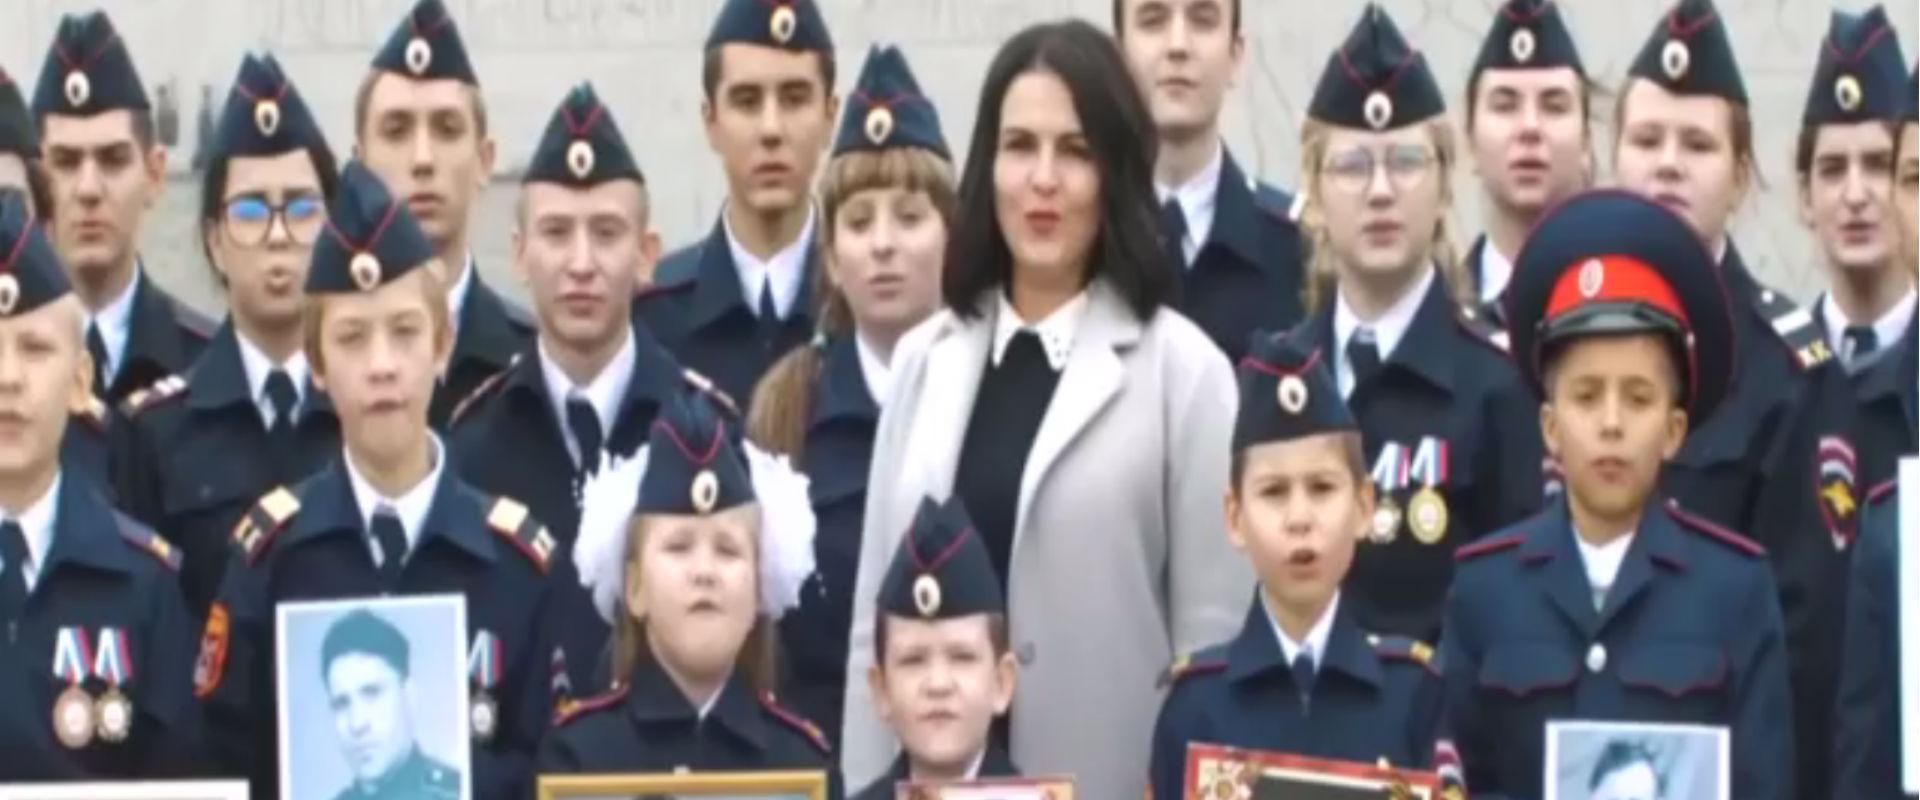 סרטון בו ילדים שרים כי הם מוכנים למות למען המנהיג